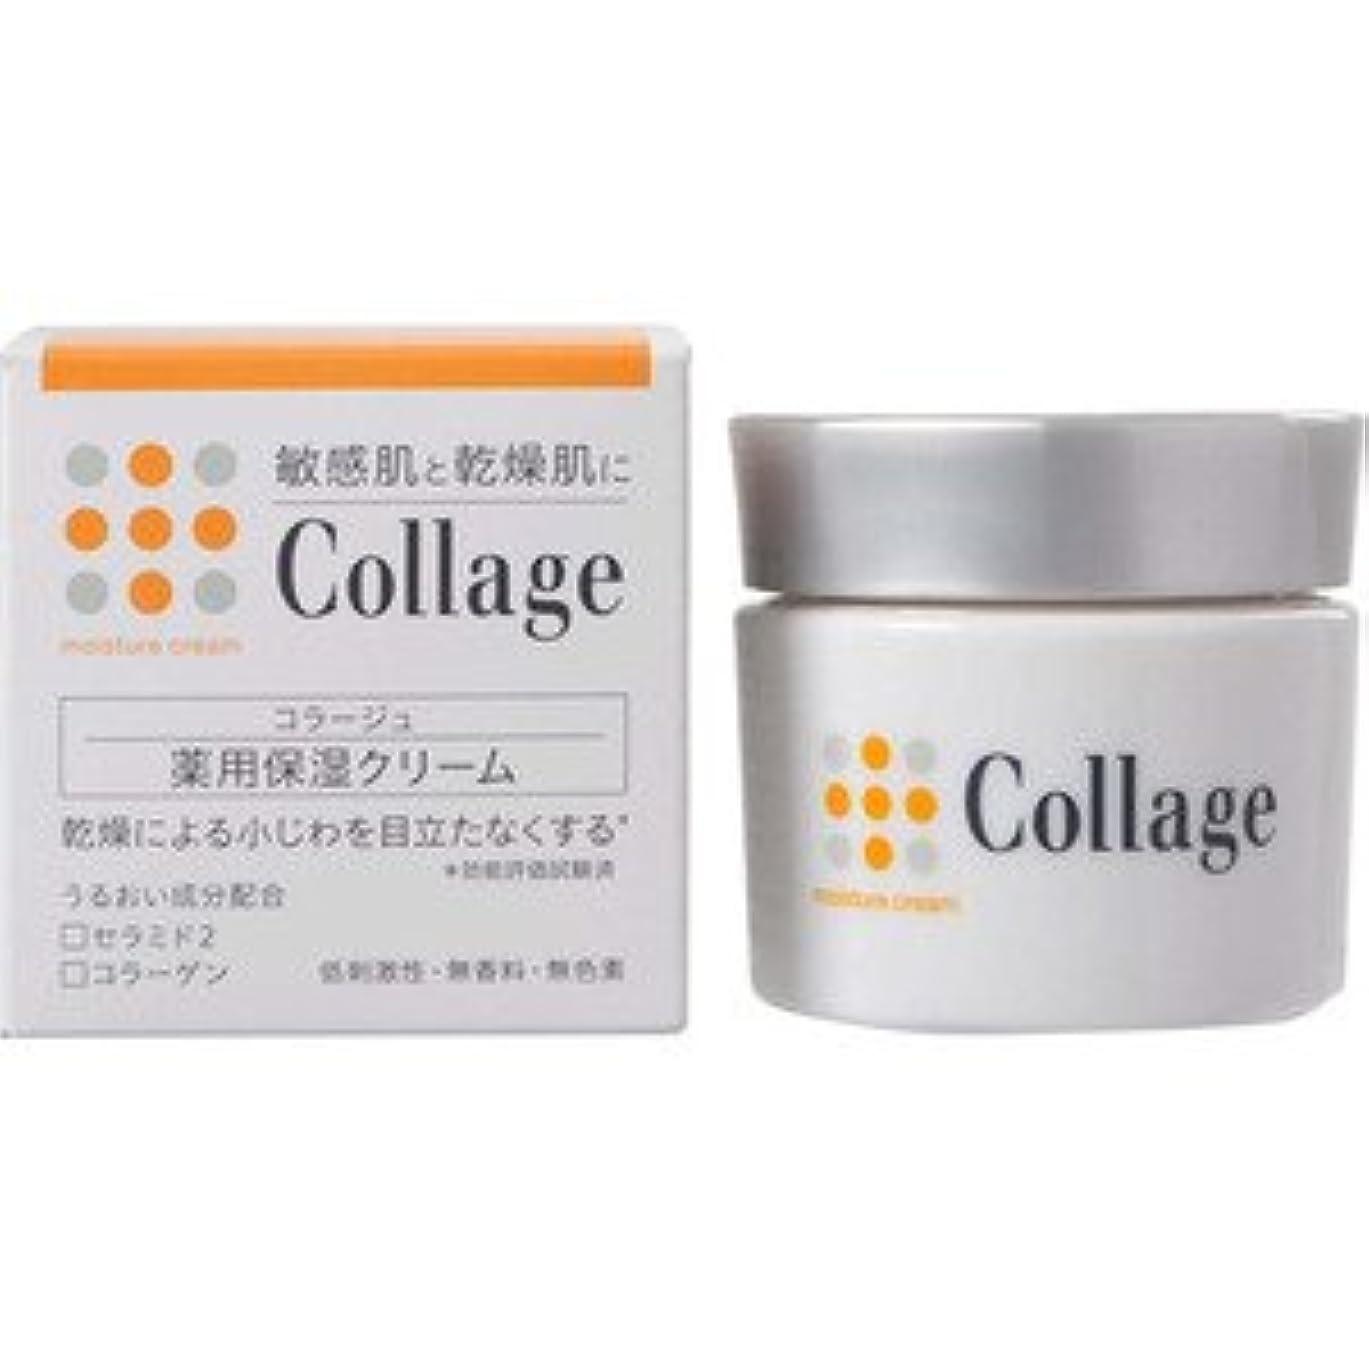 おとなしい結論収まるコラージュ 薬用保湿クリーム 30g×2【持田ヘルスケア】【4987767661452】